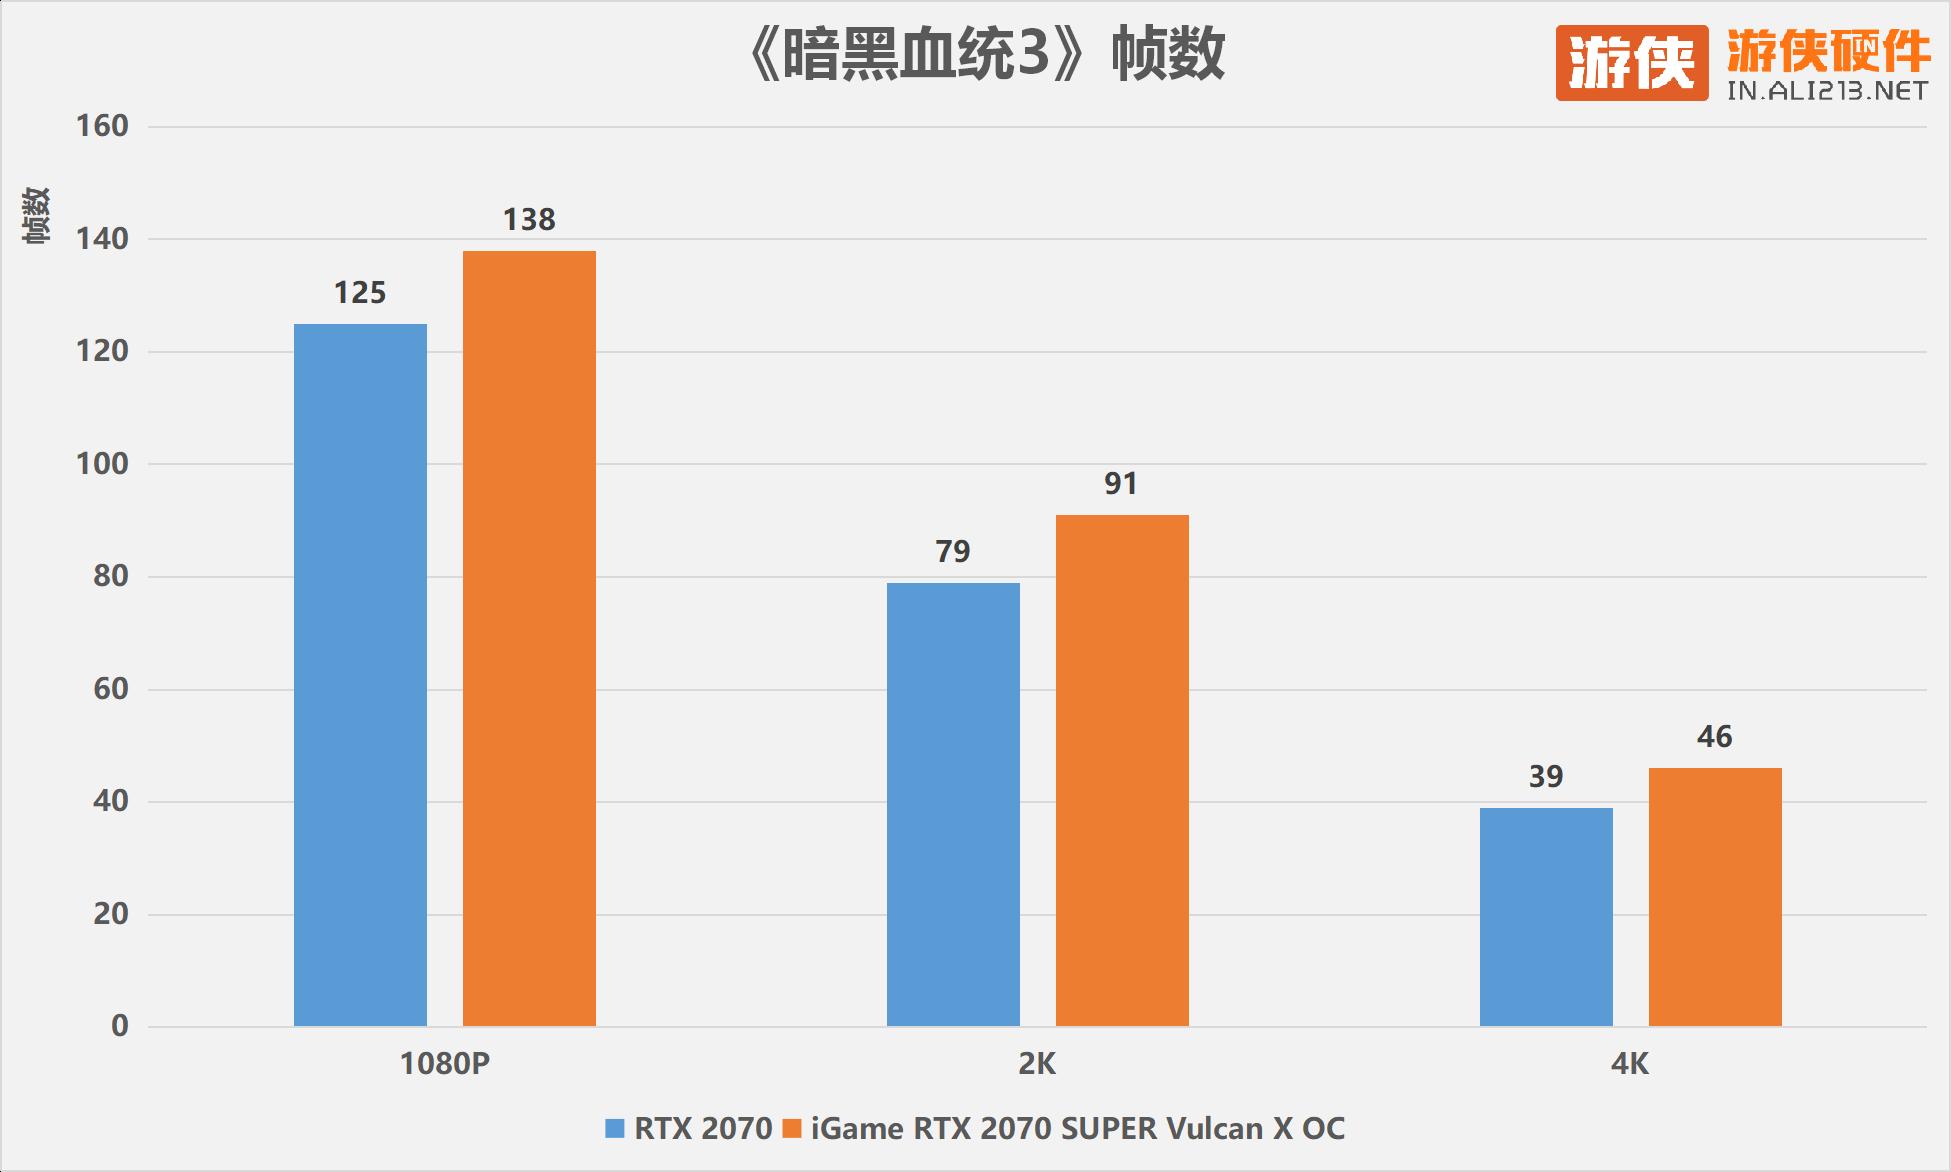 七彩虹iGame RTX 2070 Super Vulcan X OC 参数 图片 接口 报价